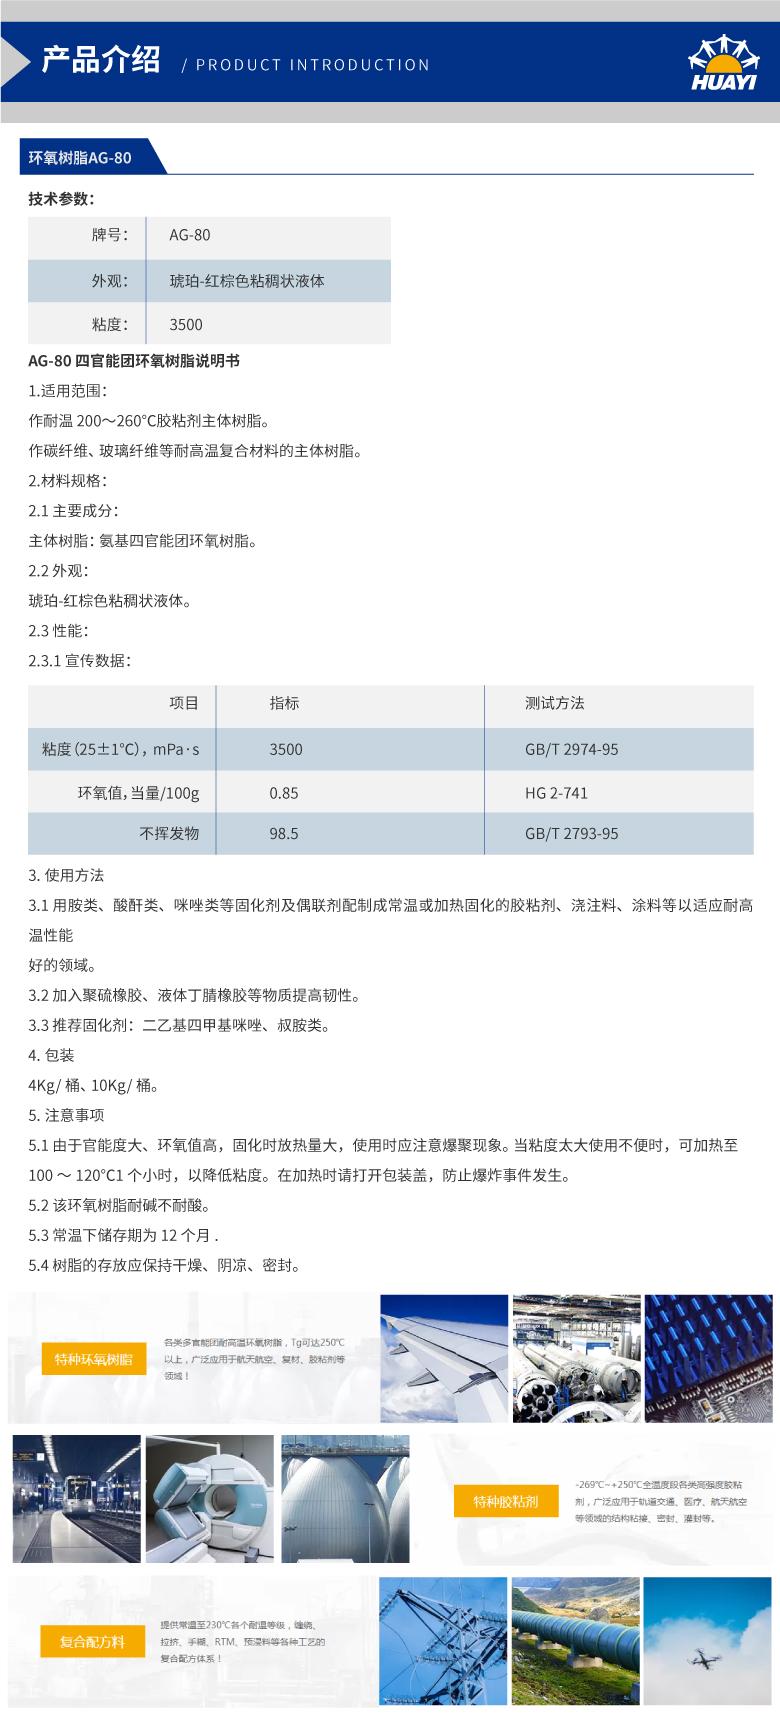 上海华谊树脂_详情页设计(环氧树脂AG-80).jpg